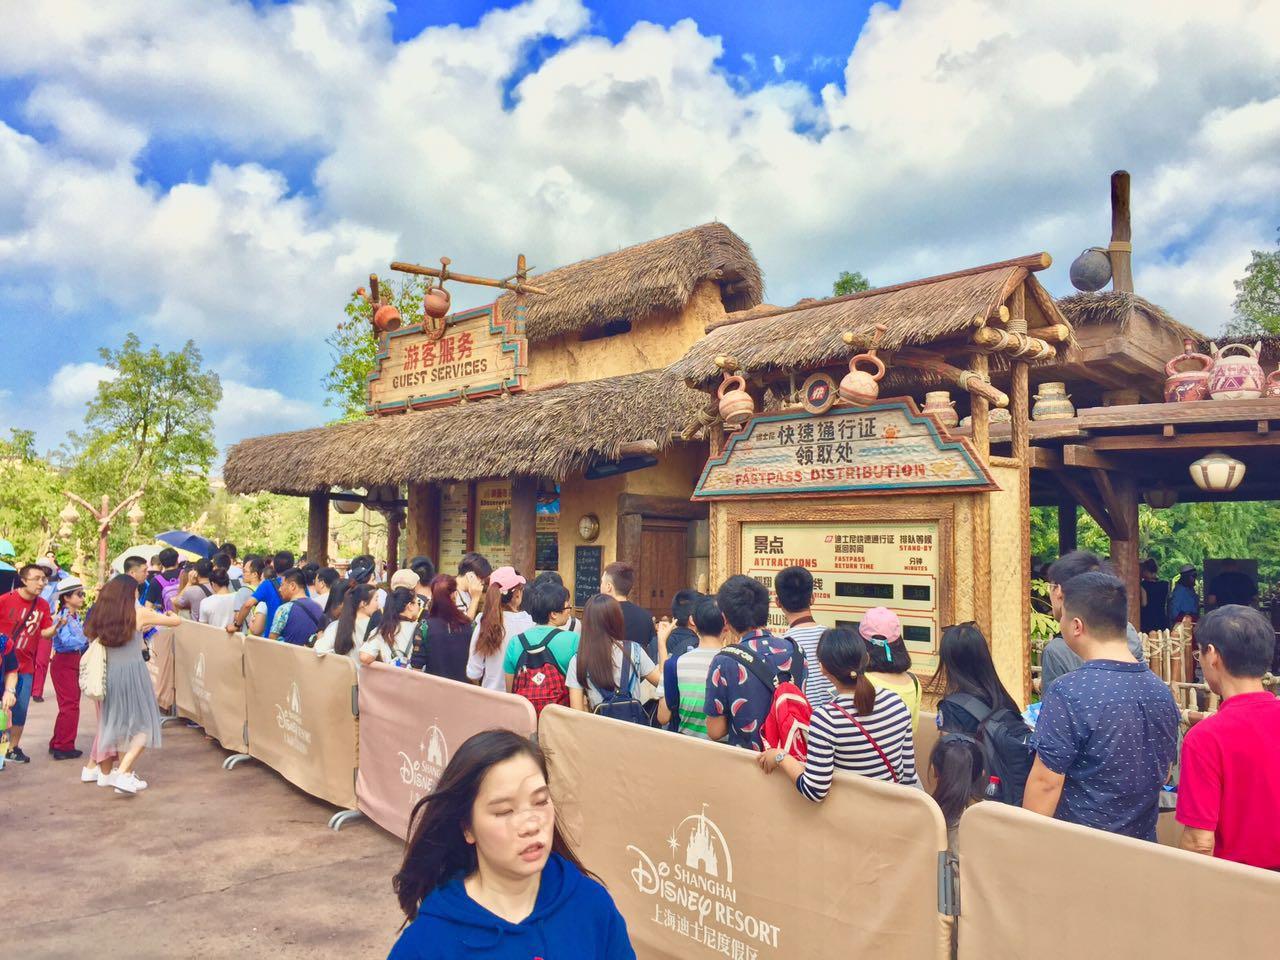 Shanghai Disneyland Fastpass